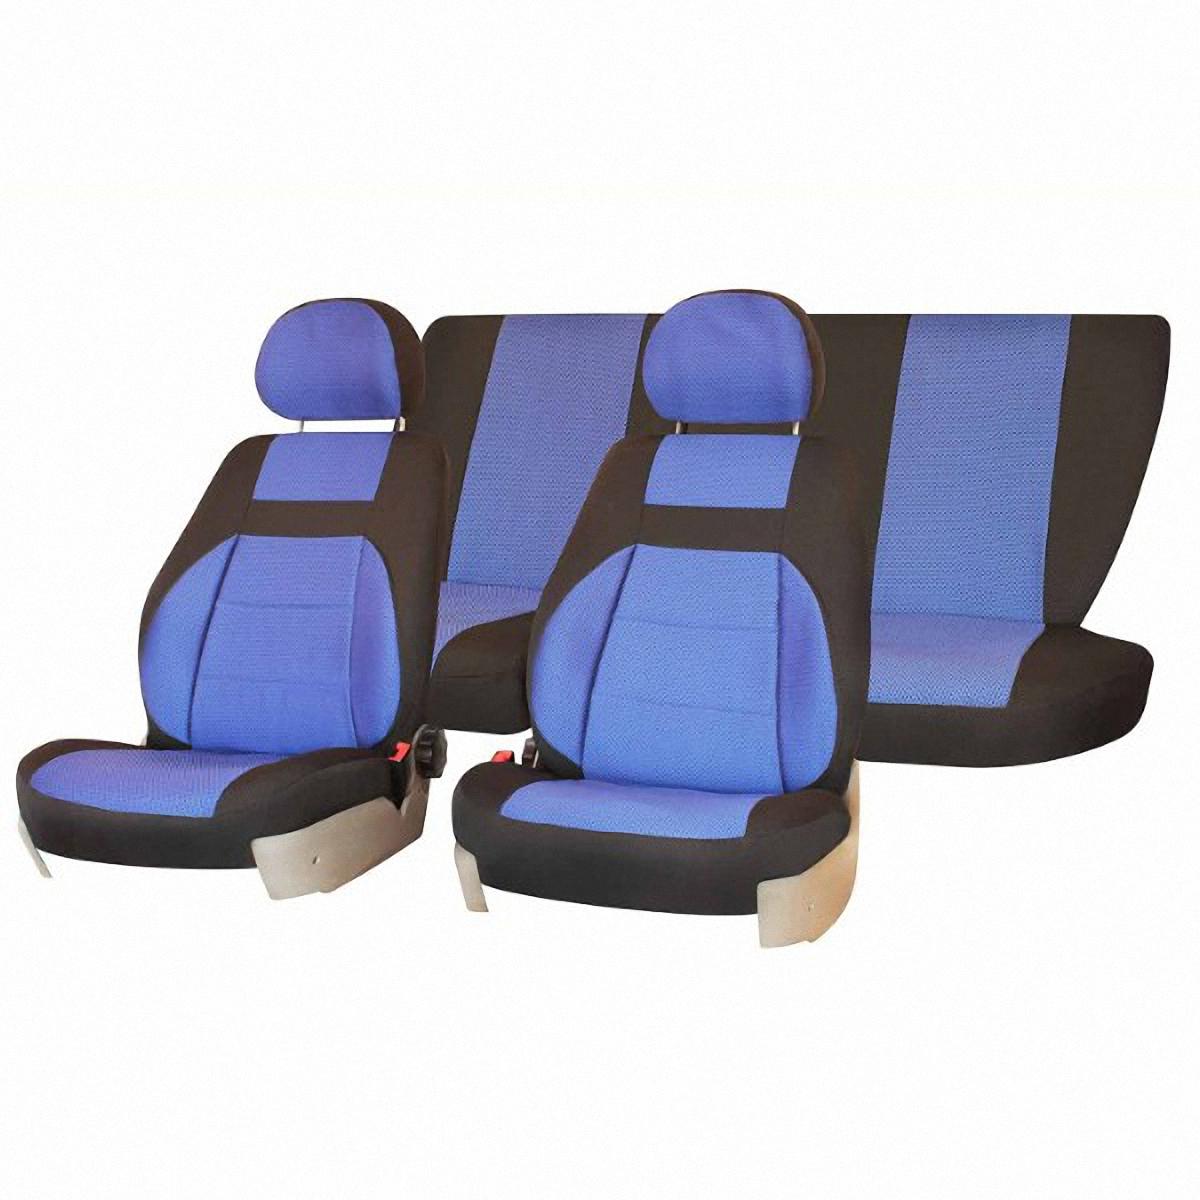 Чехлы автомобильные Skyway, для ВАЗ-2114/2115, цвет: синийV008-D4Автомобильные чехлы Skyway изготовлены из качественного жаккарда. Чехлы идеально повторяют штатную форму сидений и выглядят как оригинальная обивка сидений. Разработаны индивидуально для каждой модели автомобиля. Авточехлы Skyway просты в уходе - загрязнения легко удаляются влажной тканью. Чехлы имеют раздельную схему надевания. В комплекте 6 предметов.